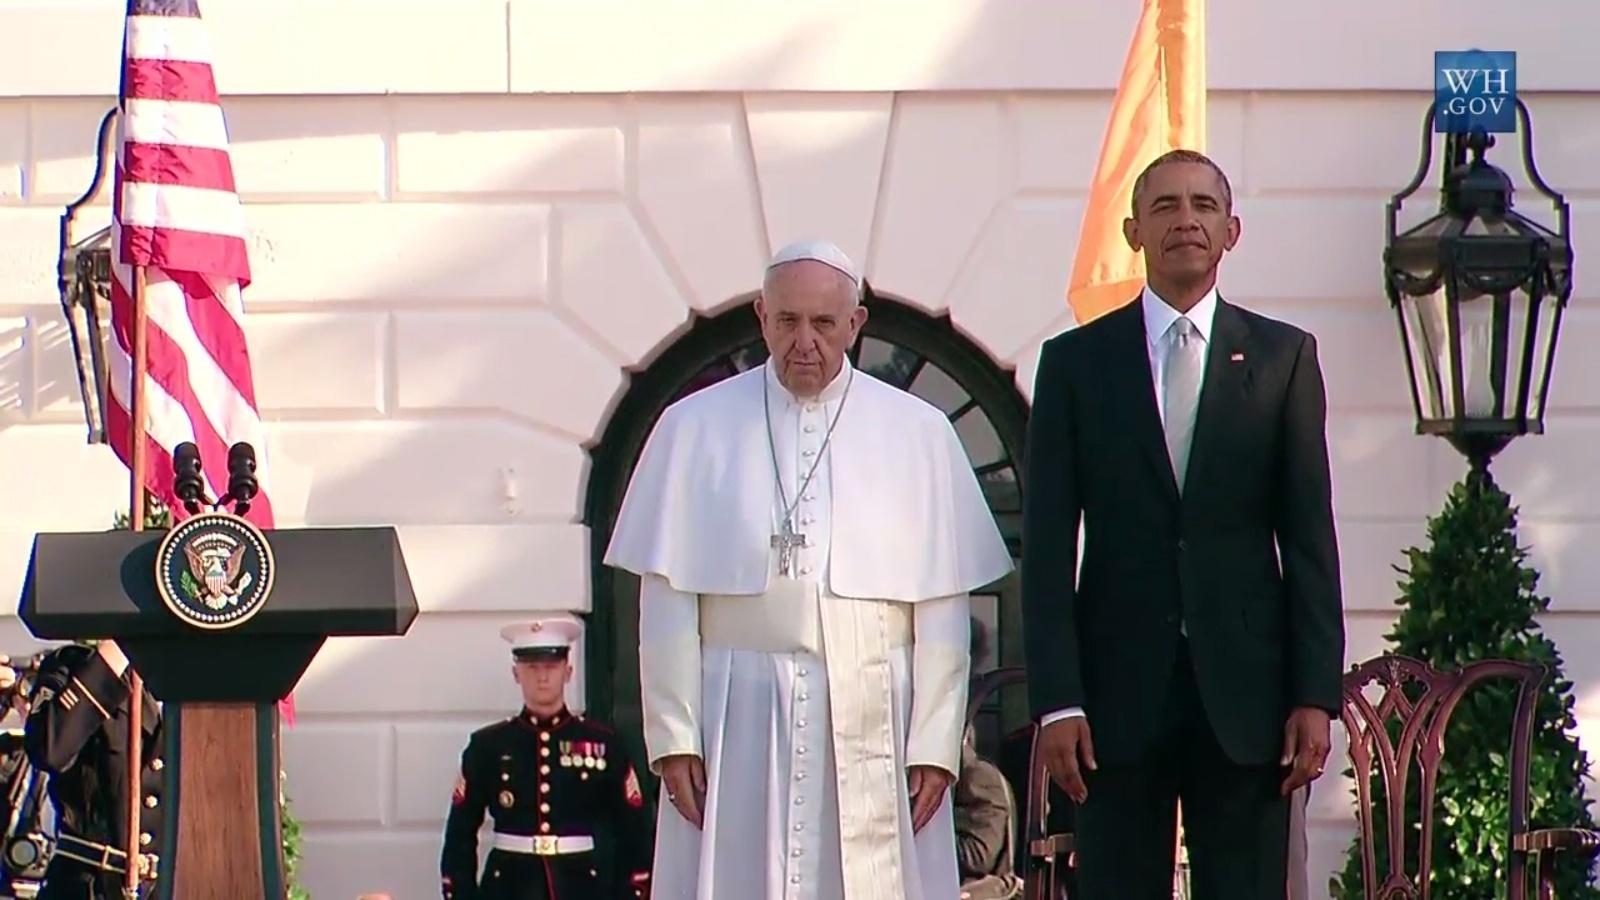 23.set.2015 - Papa Francisco chega à Casa Branca, em Washington, onde é recebido pelo presidente dos Estados Unidos, Barack Obama, e pela primeira-dama Michelle Obama